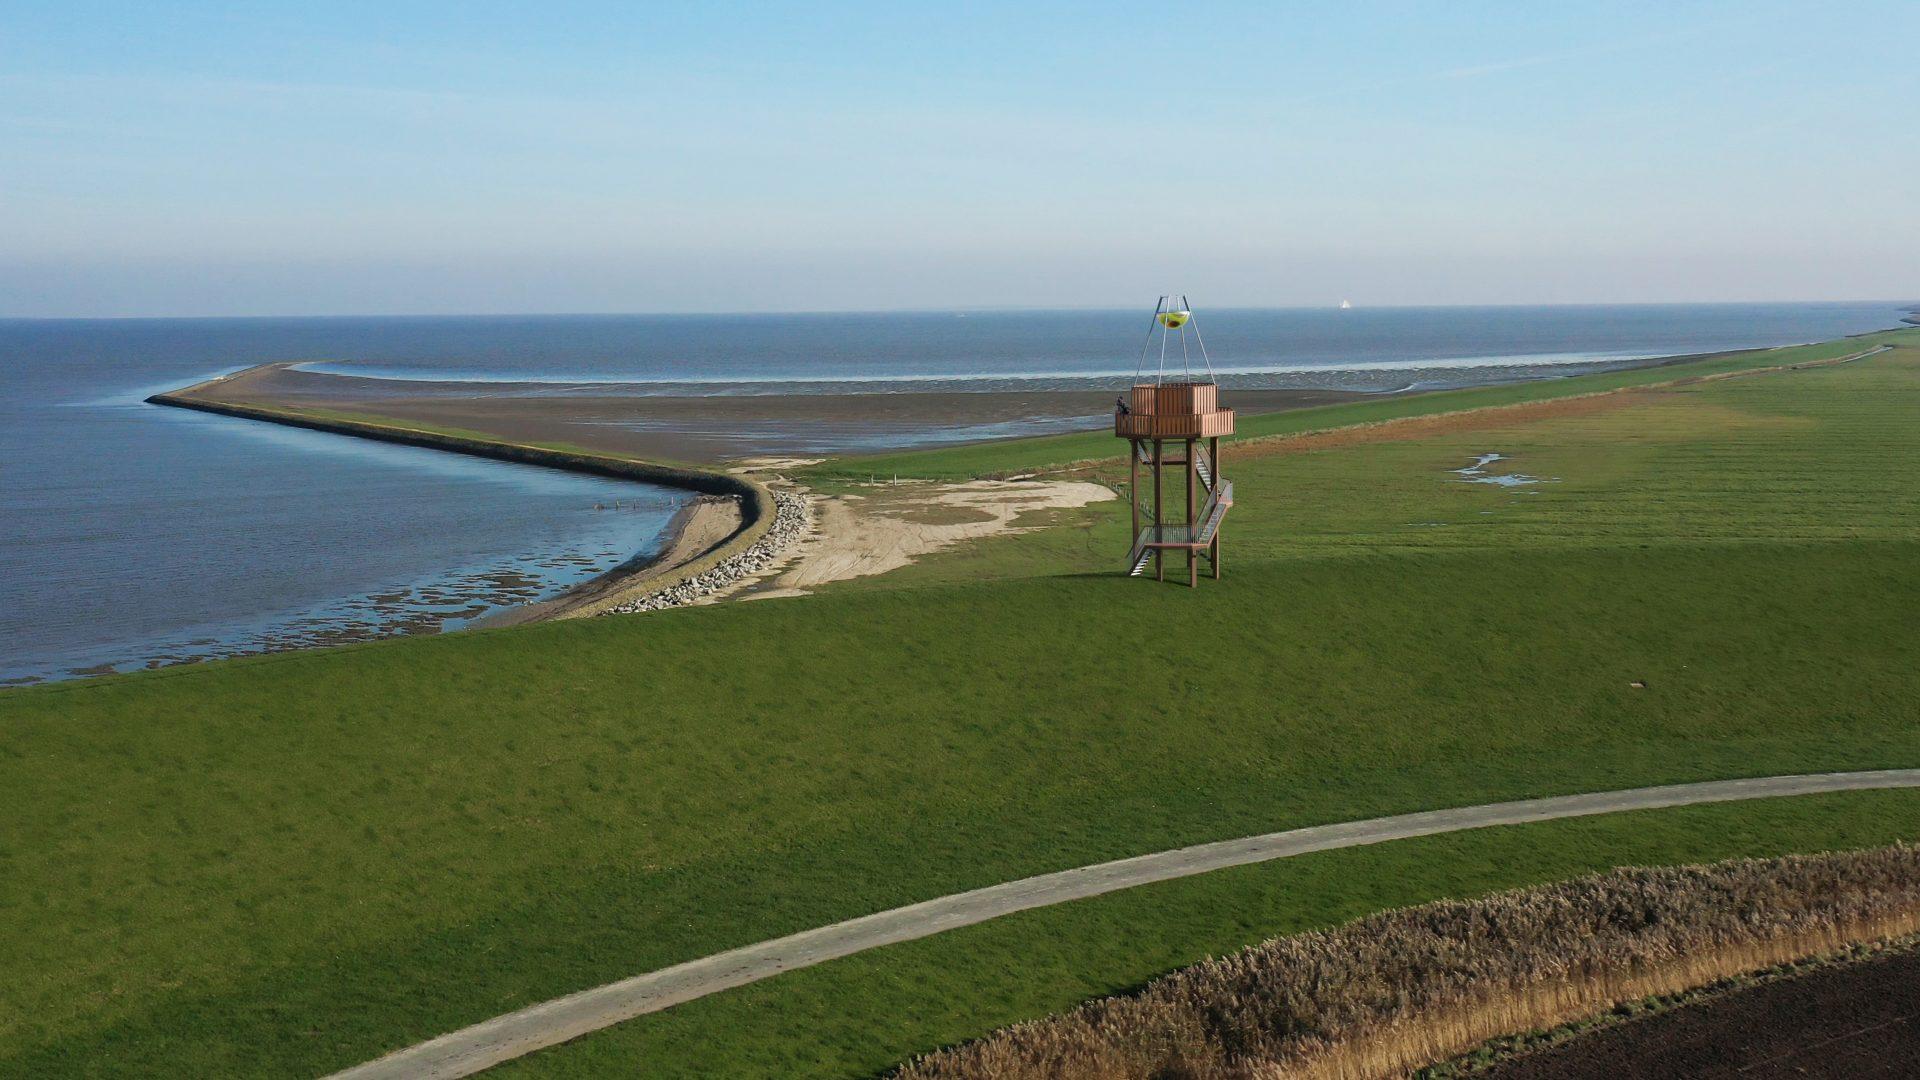 camera batavia op locatie in Ternaard